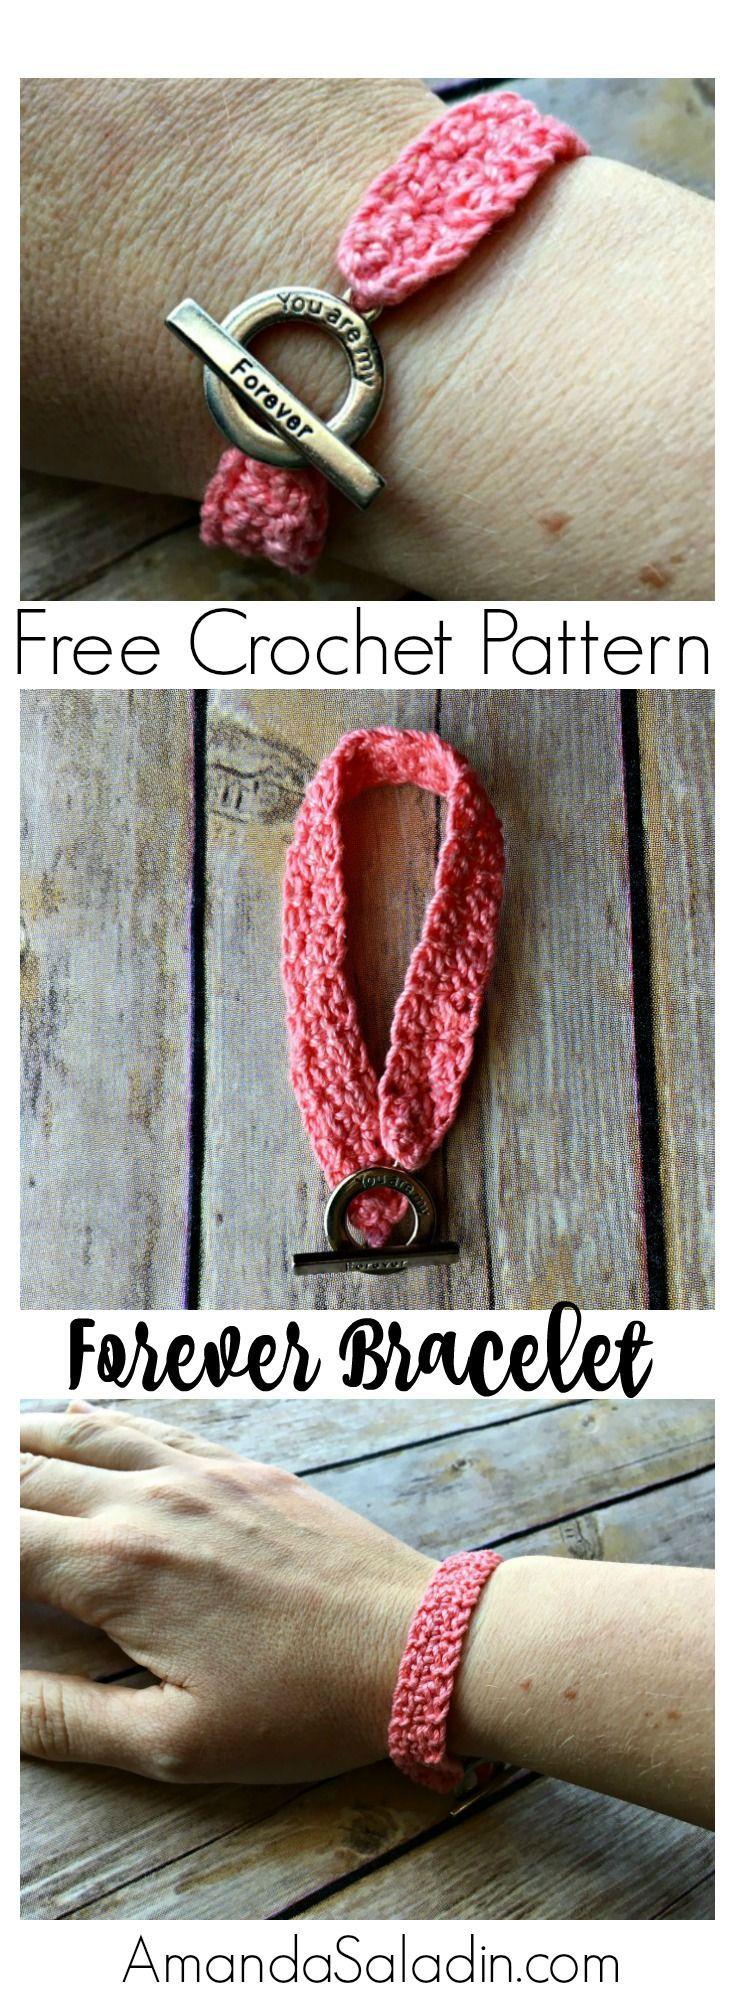 1524 besten Make - Crochet Bilder auf Pinterest | Kostenlos häkeln ...